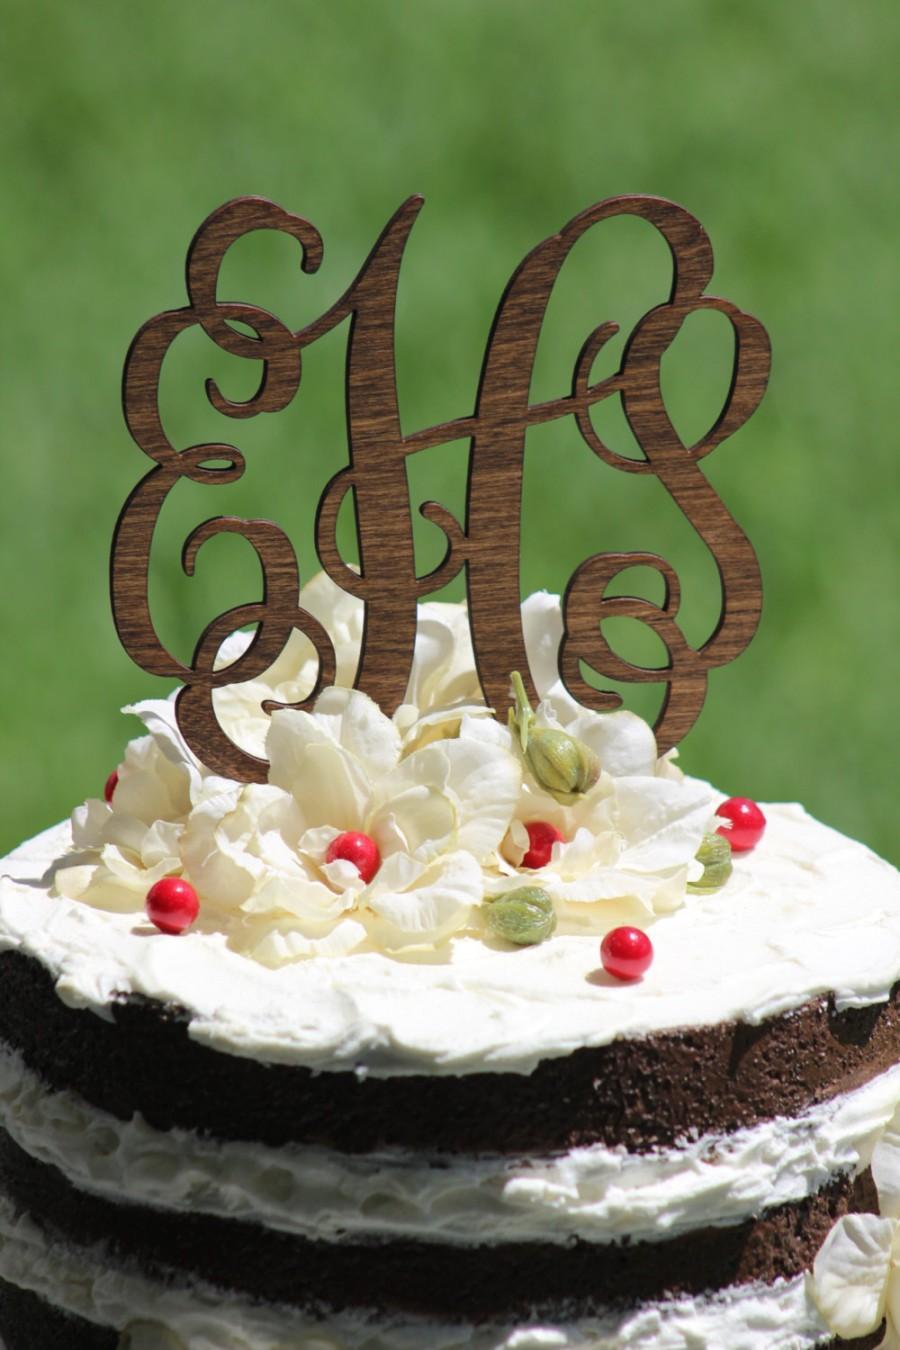 Hochzeit - Rustic Wooder Monogram Wedding Cake topper - Wooden cake topper - Personalized Cake topper